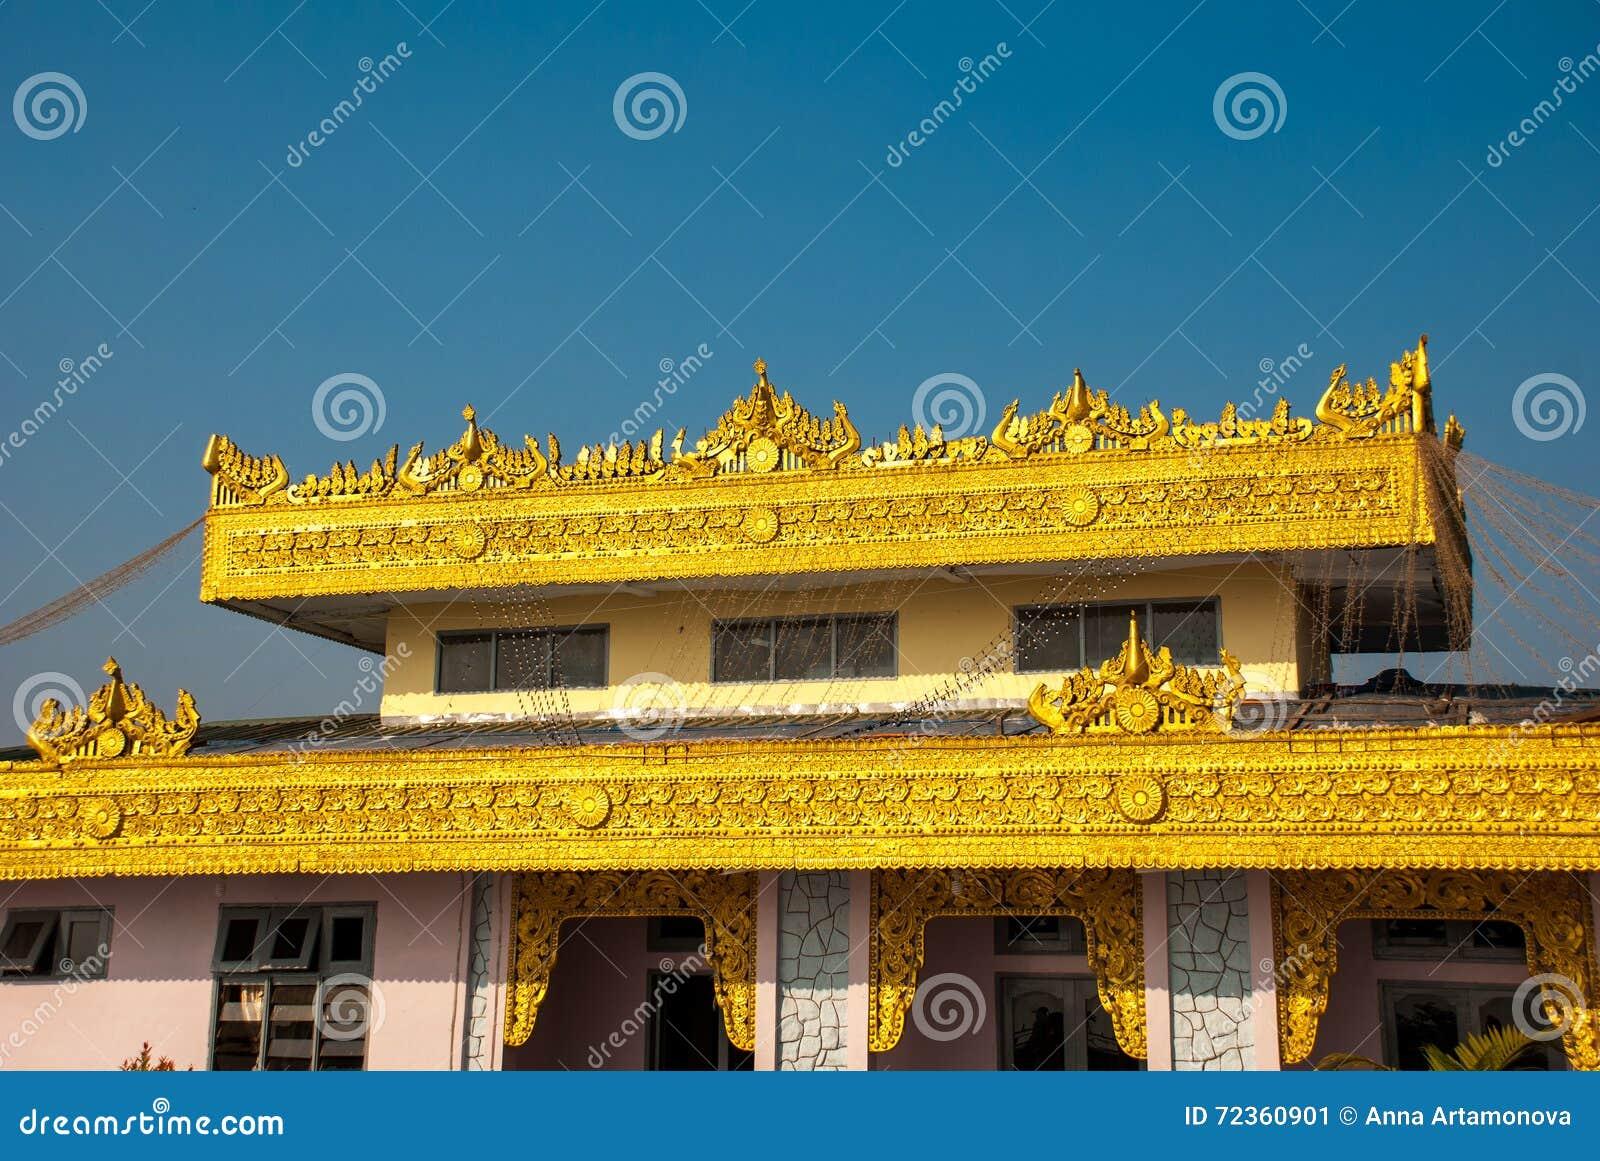 建筑金黄细节 Kyaiktiyo塔 缅甸